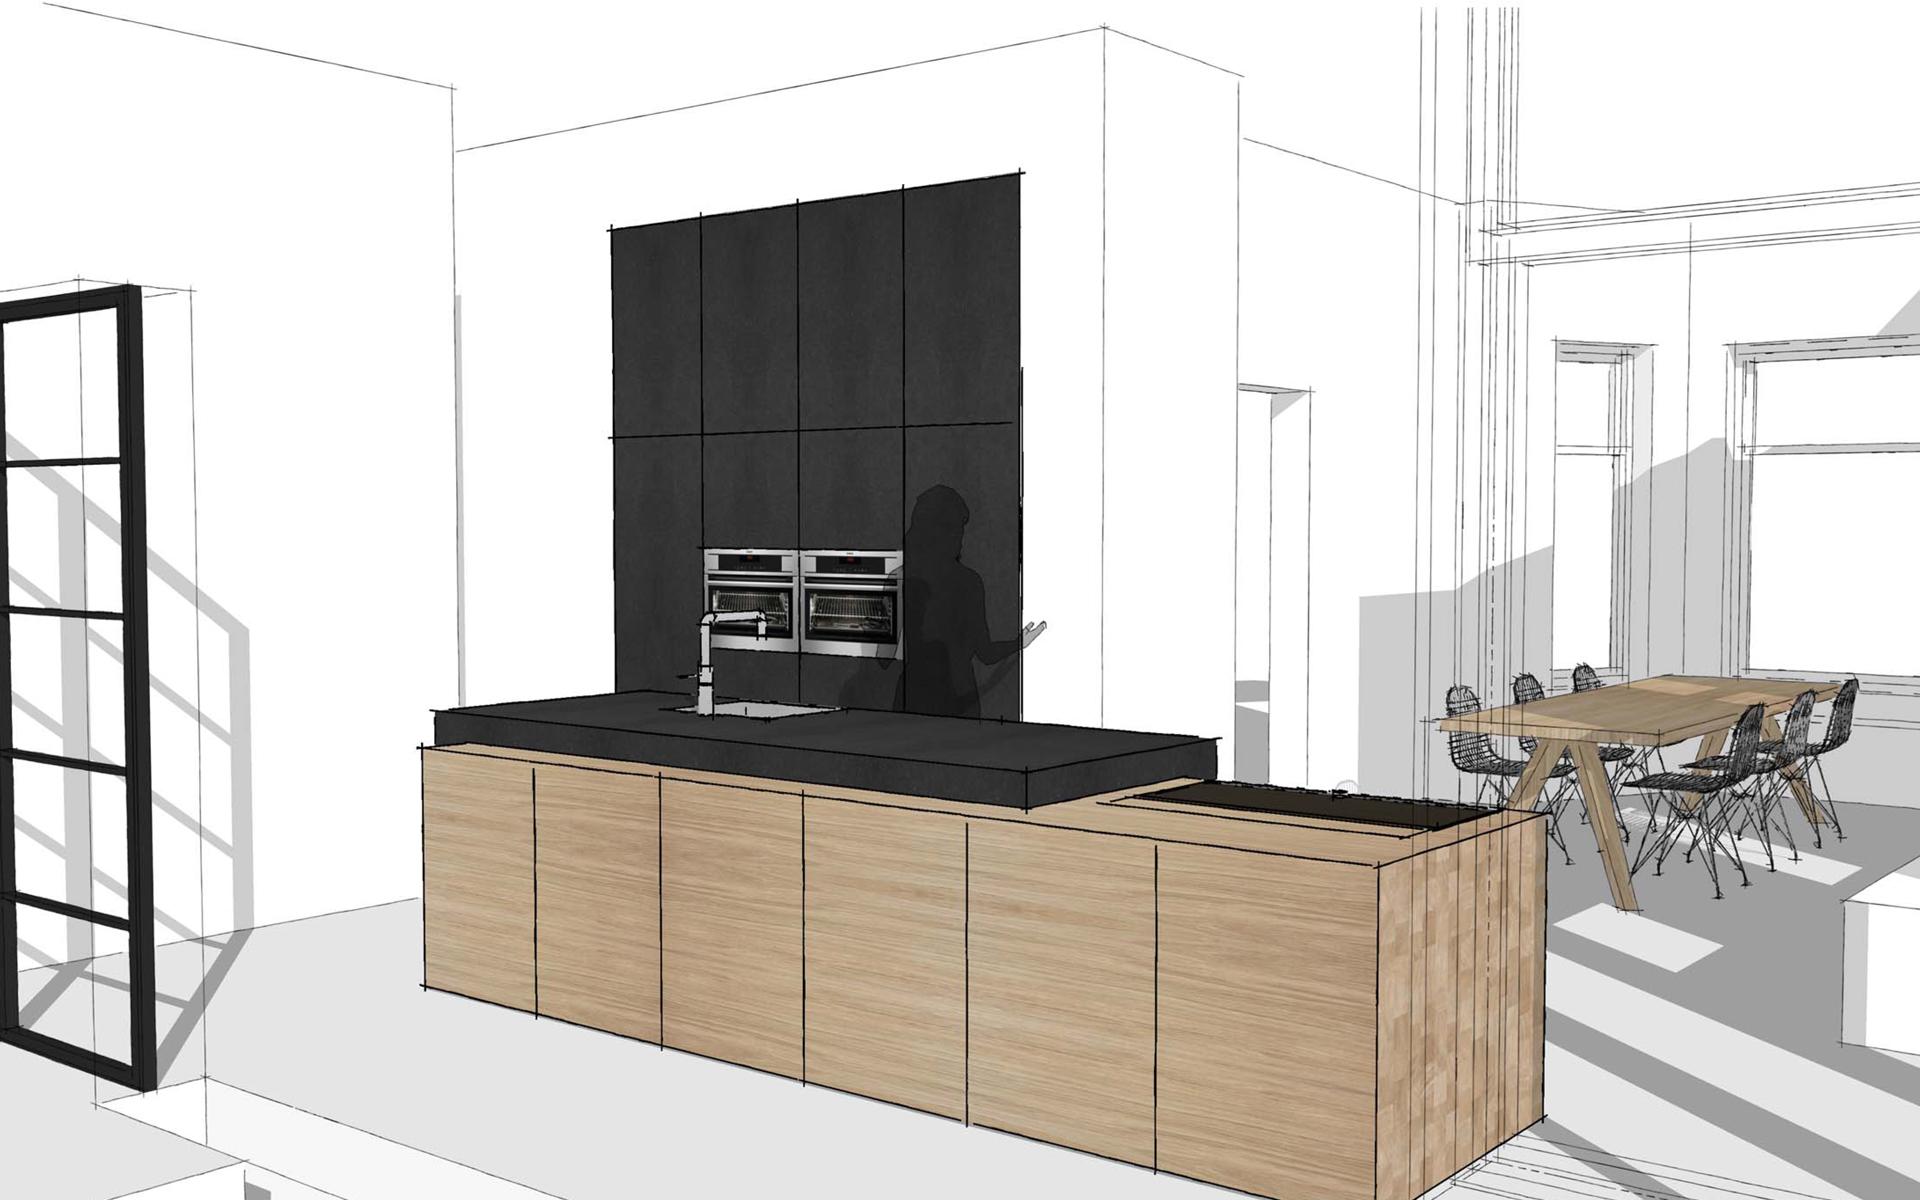 Massief Houten Keuken : Massief houten keuken te vries studio sool